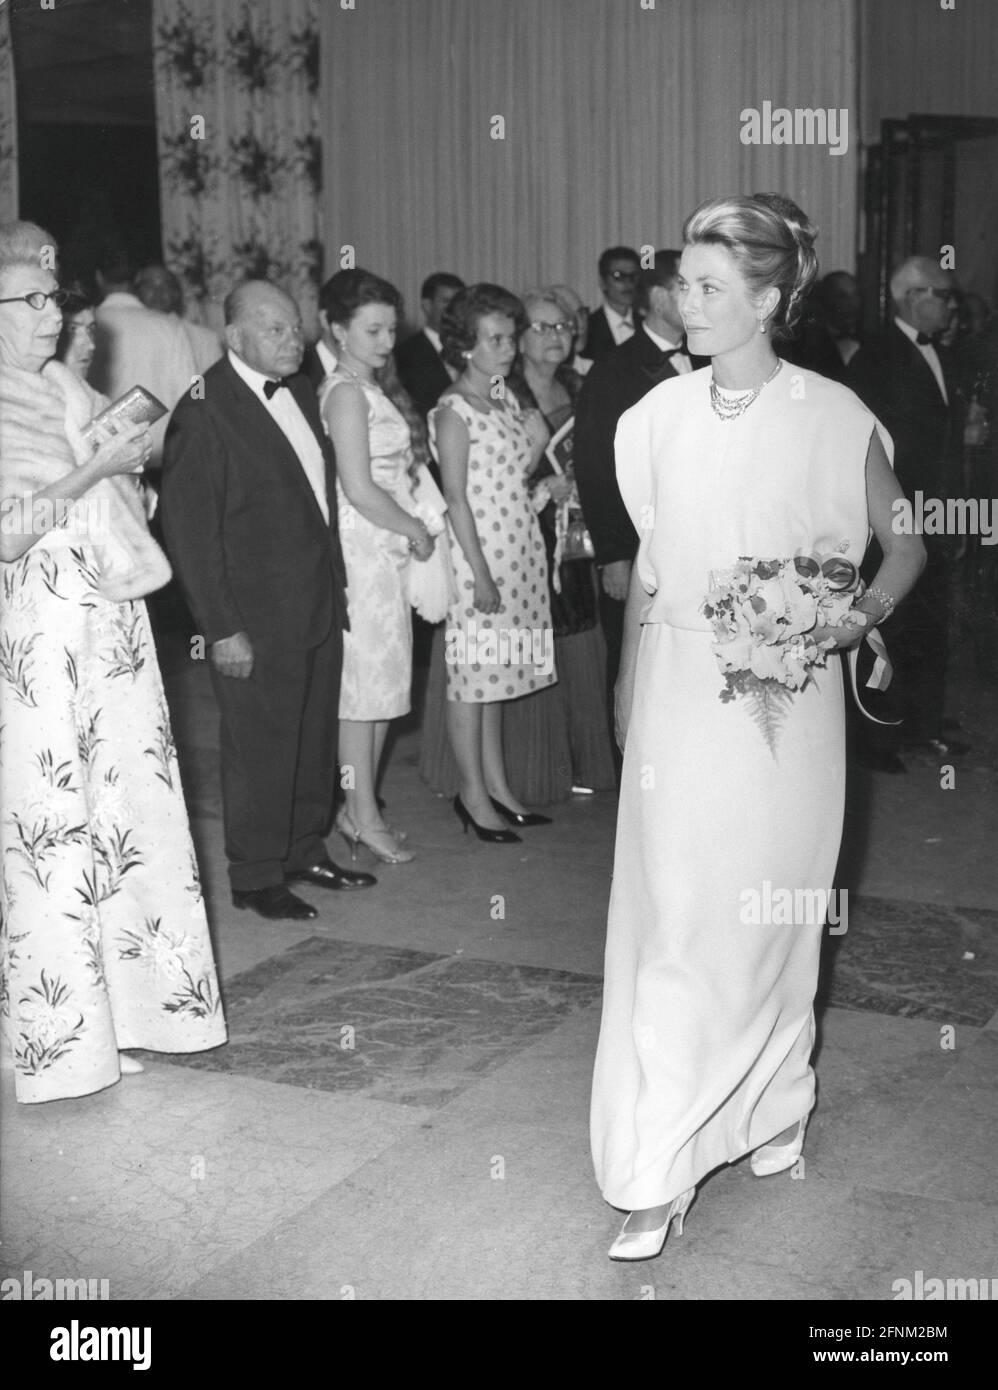 Kelly, Grace, 12.11.1929 -, 14.9.1982, actrice américaine, Pleine longueur, pendant la réception, Monte Carlo, DROITS-SUPPLÉMENTAIRES-AUTORISATION-INFO-NON-DISPONIBLE Banque D'Images